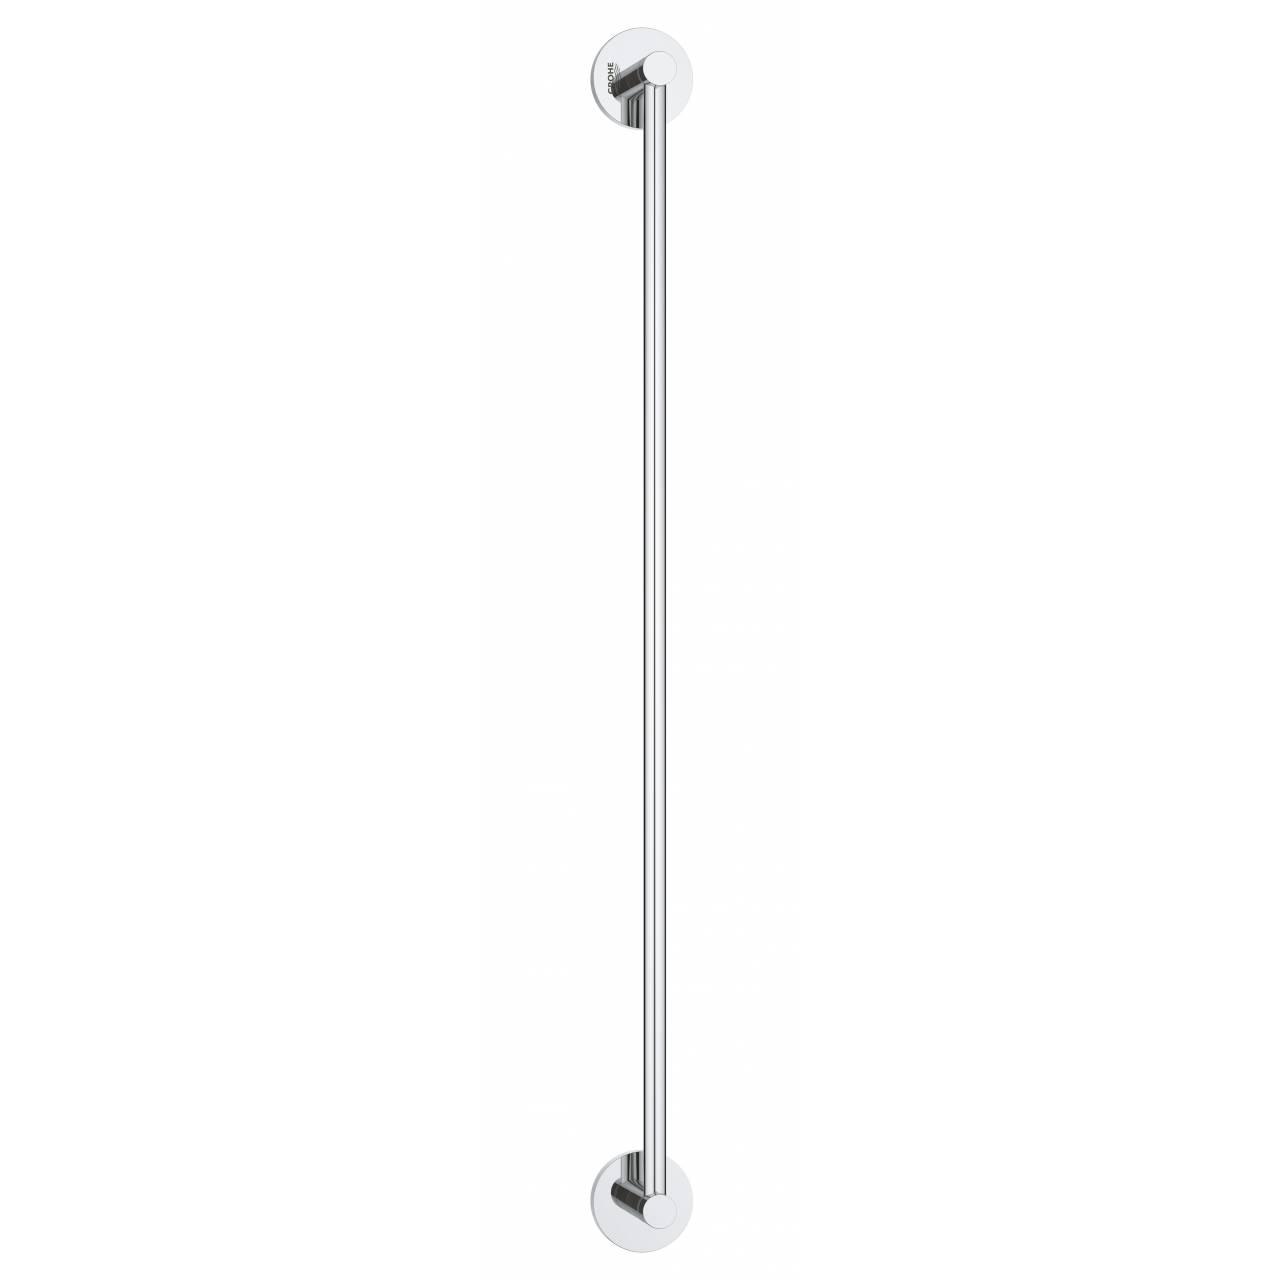 Держатель для банного полотенца GROHE Essentials 600мм, хром (40366001)